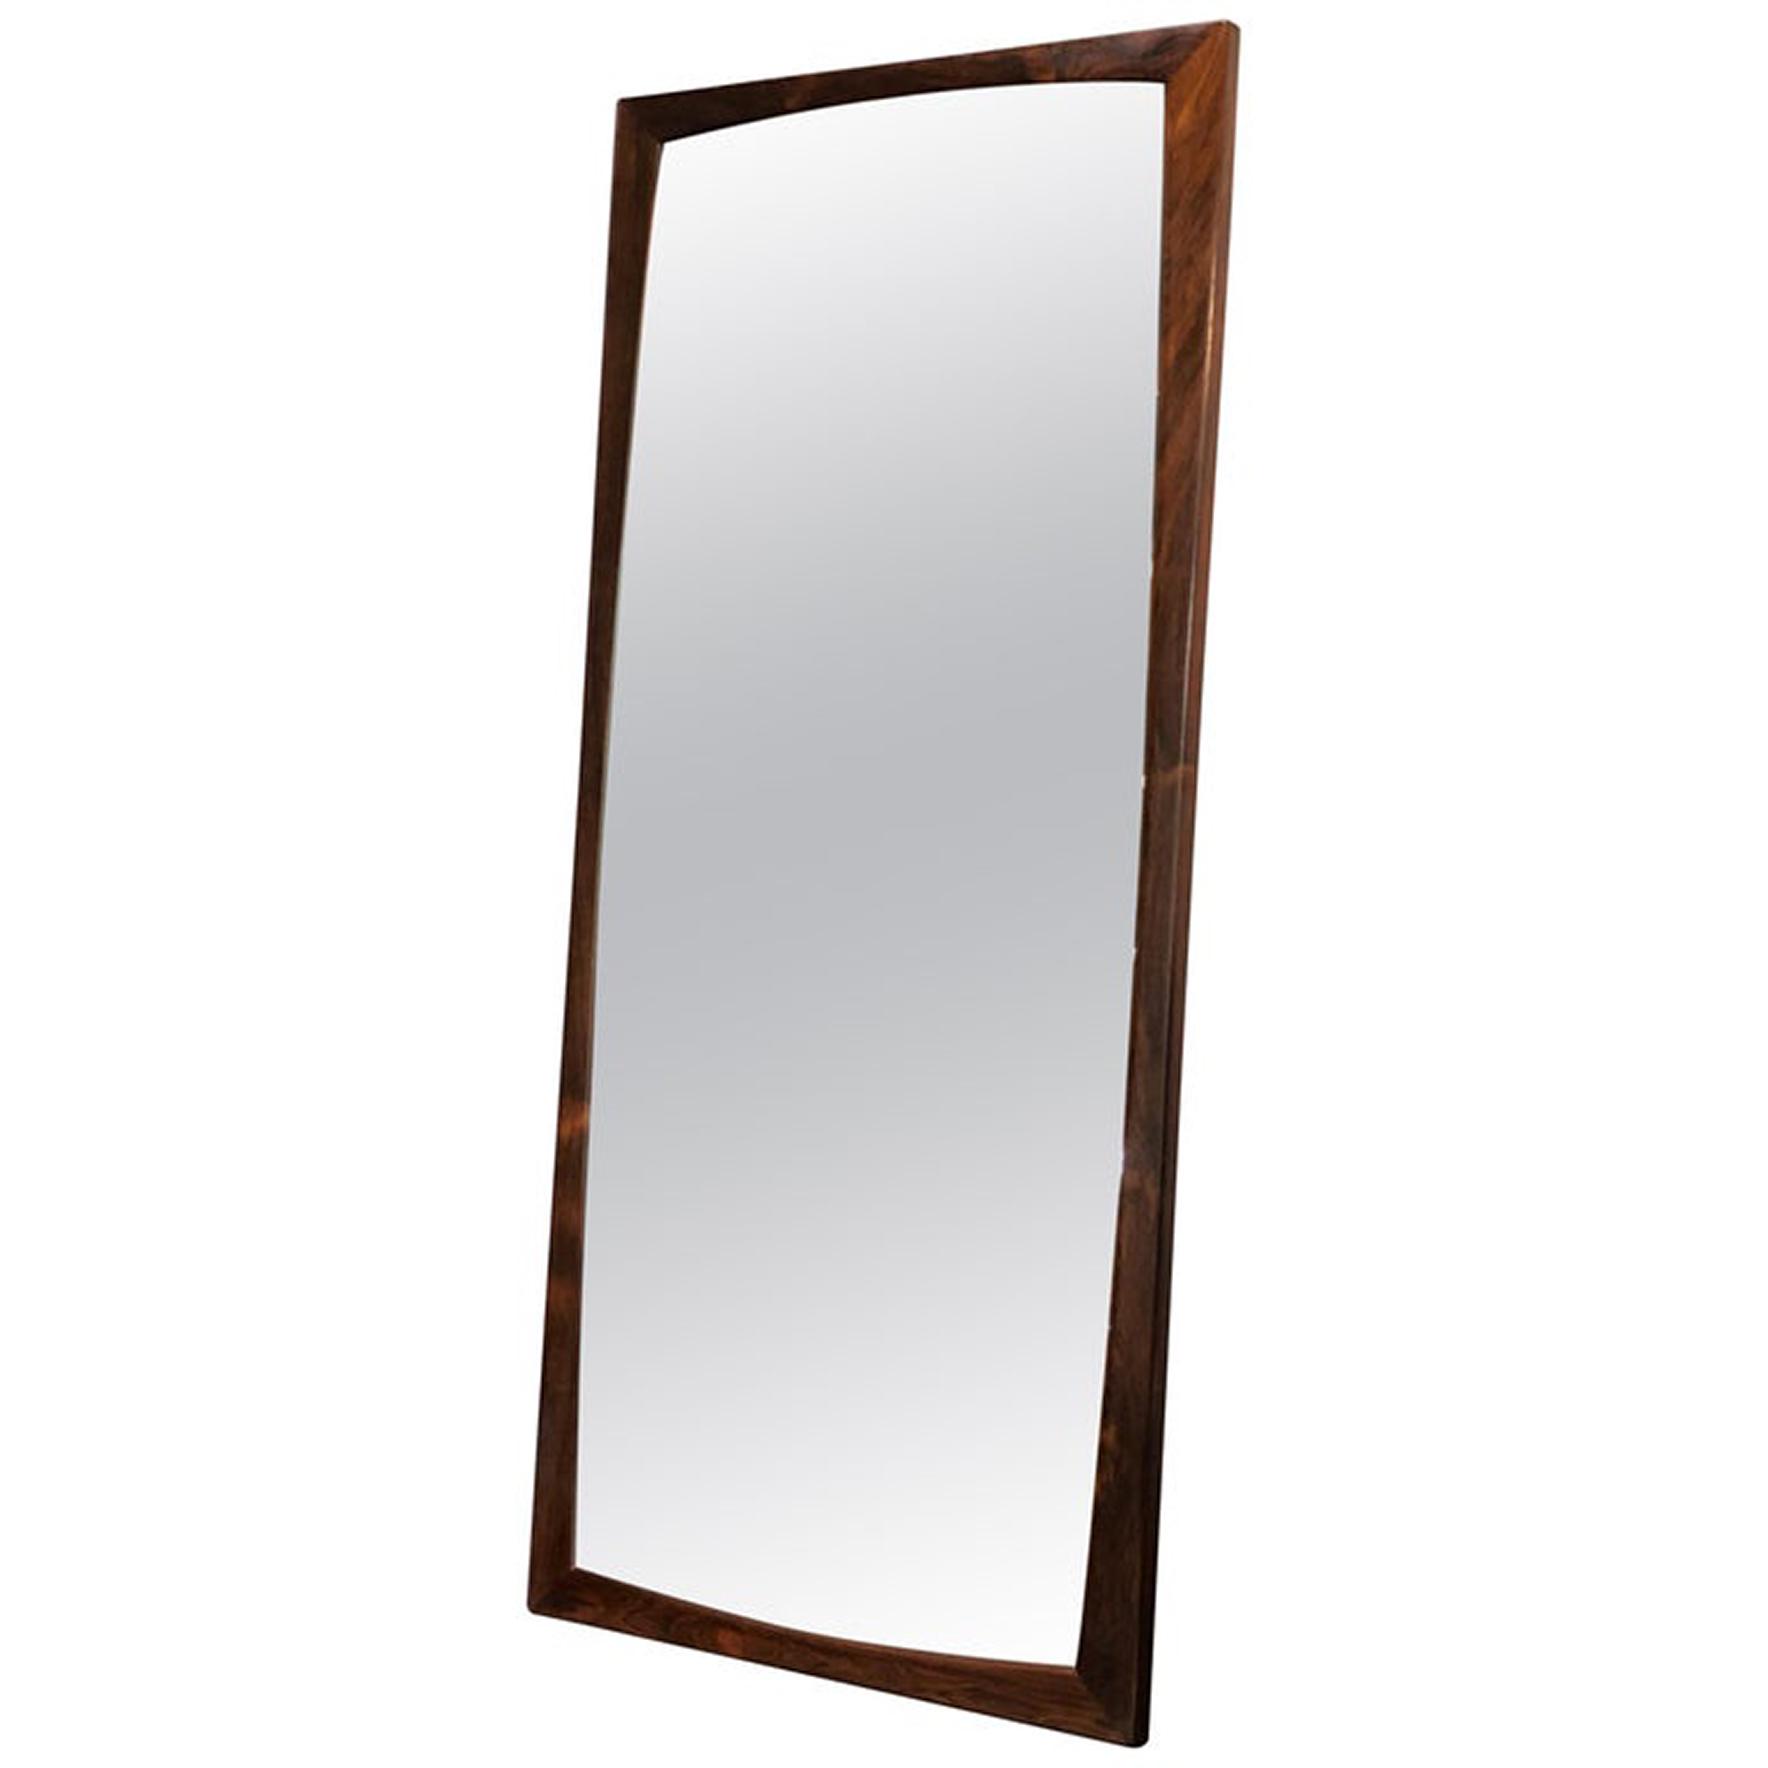 Danish Midcentury Mirror, Aksel Kjersgaa